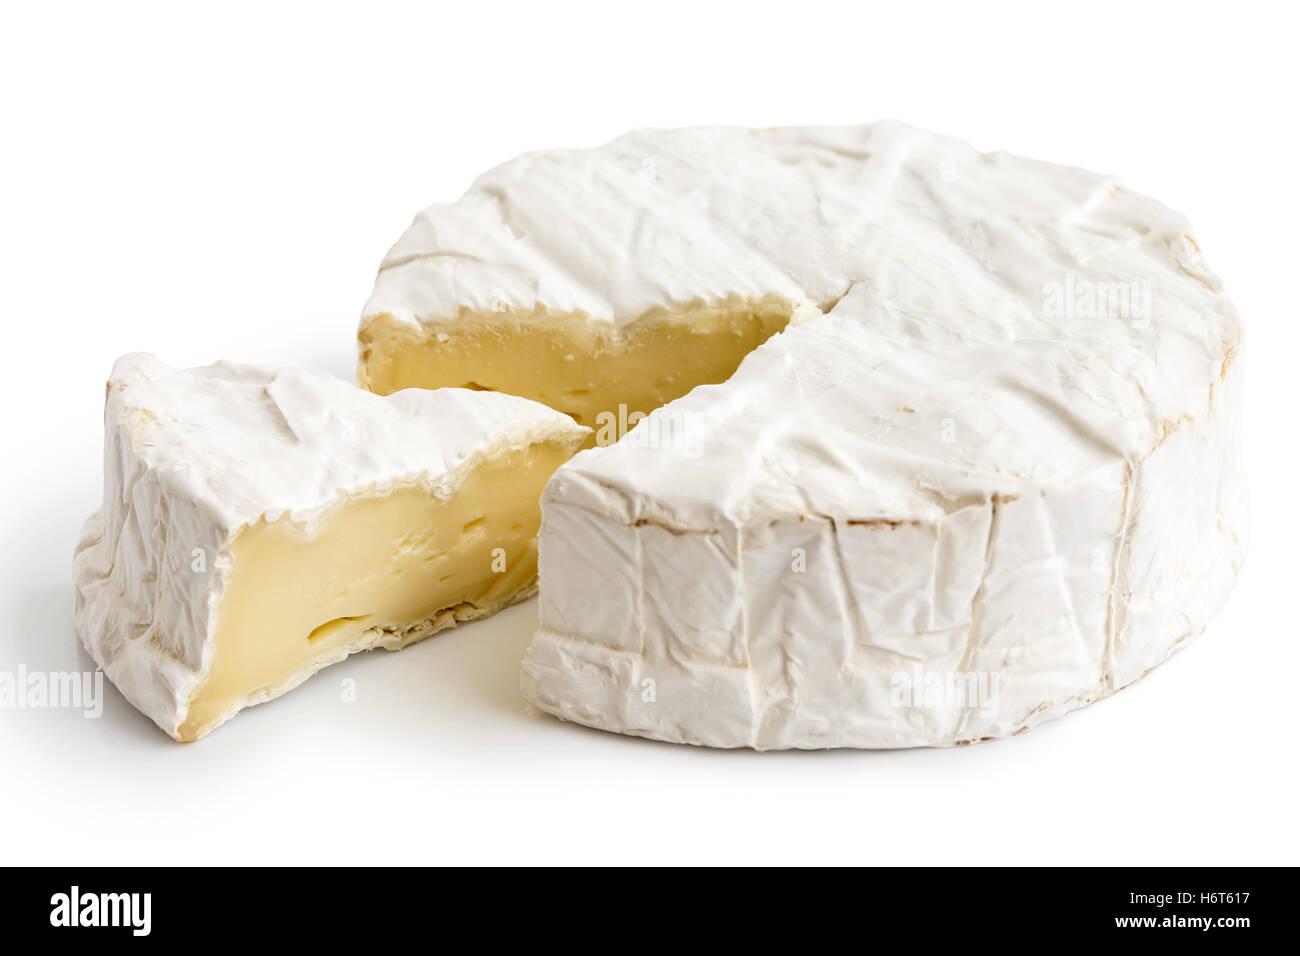 Weißer Schimmel Käse Mit Geschnittenen Scheibe Isoliert Auf Weiss